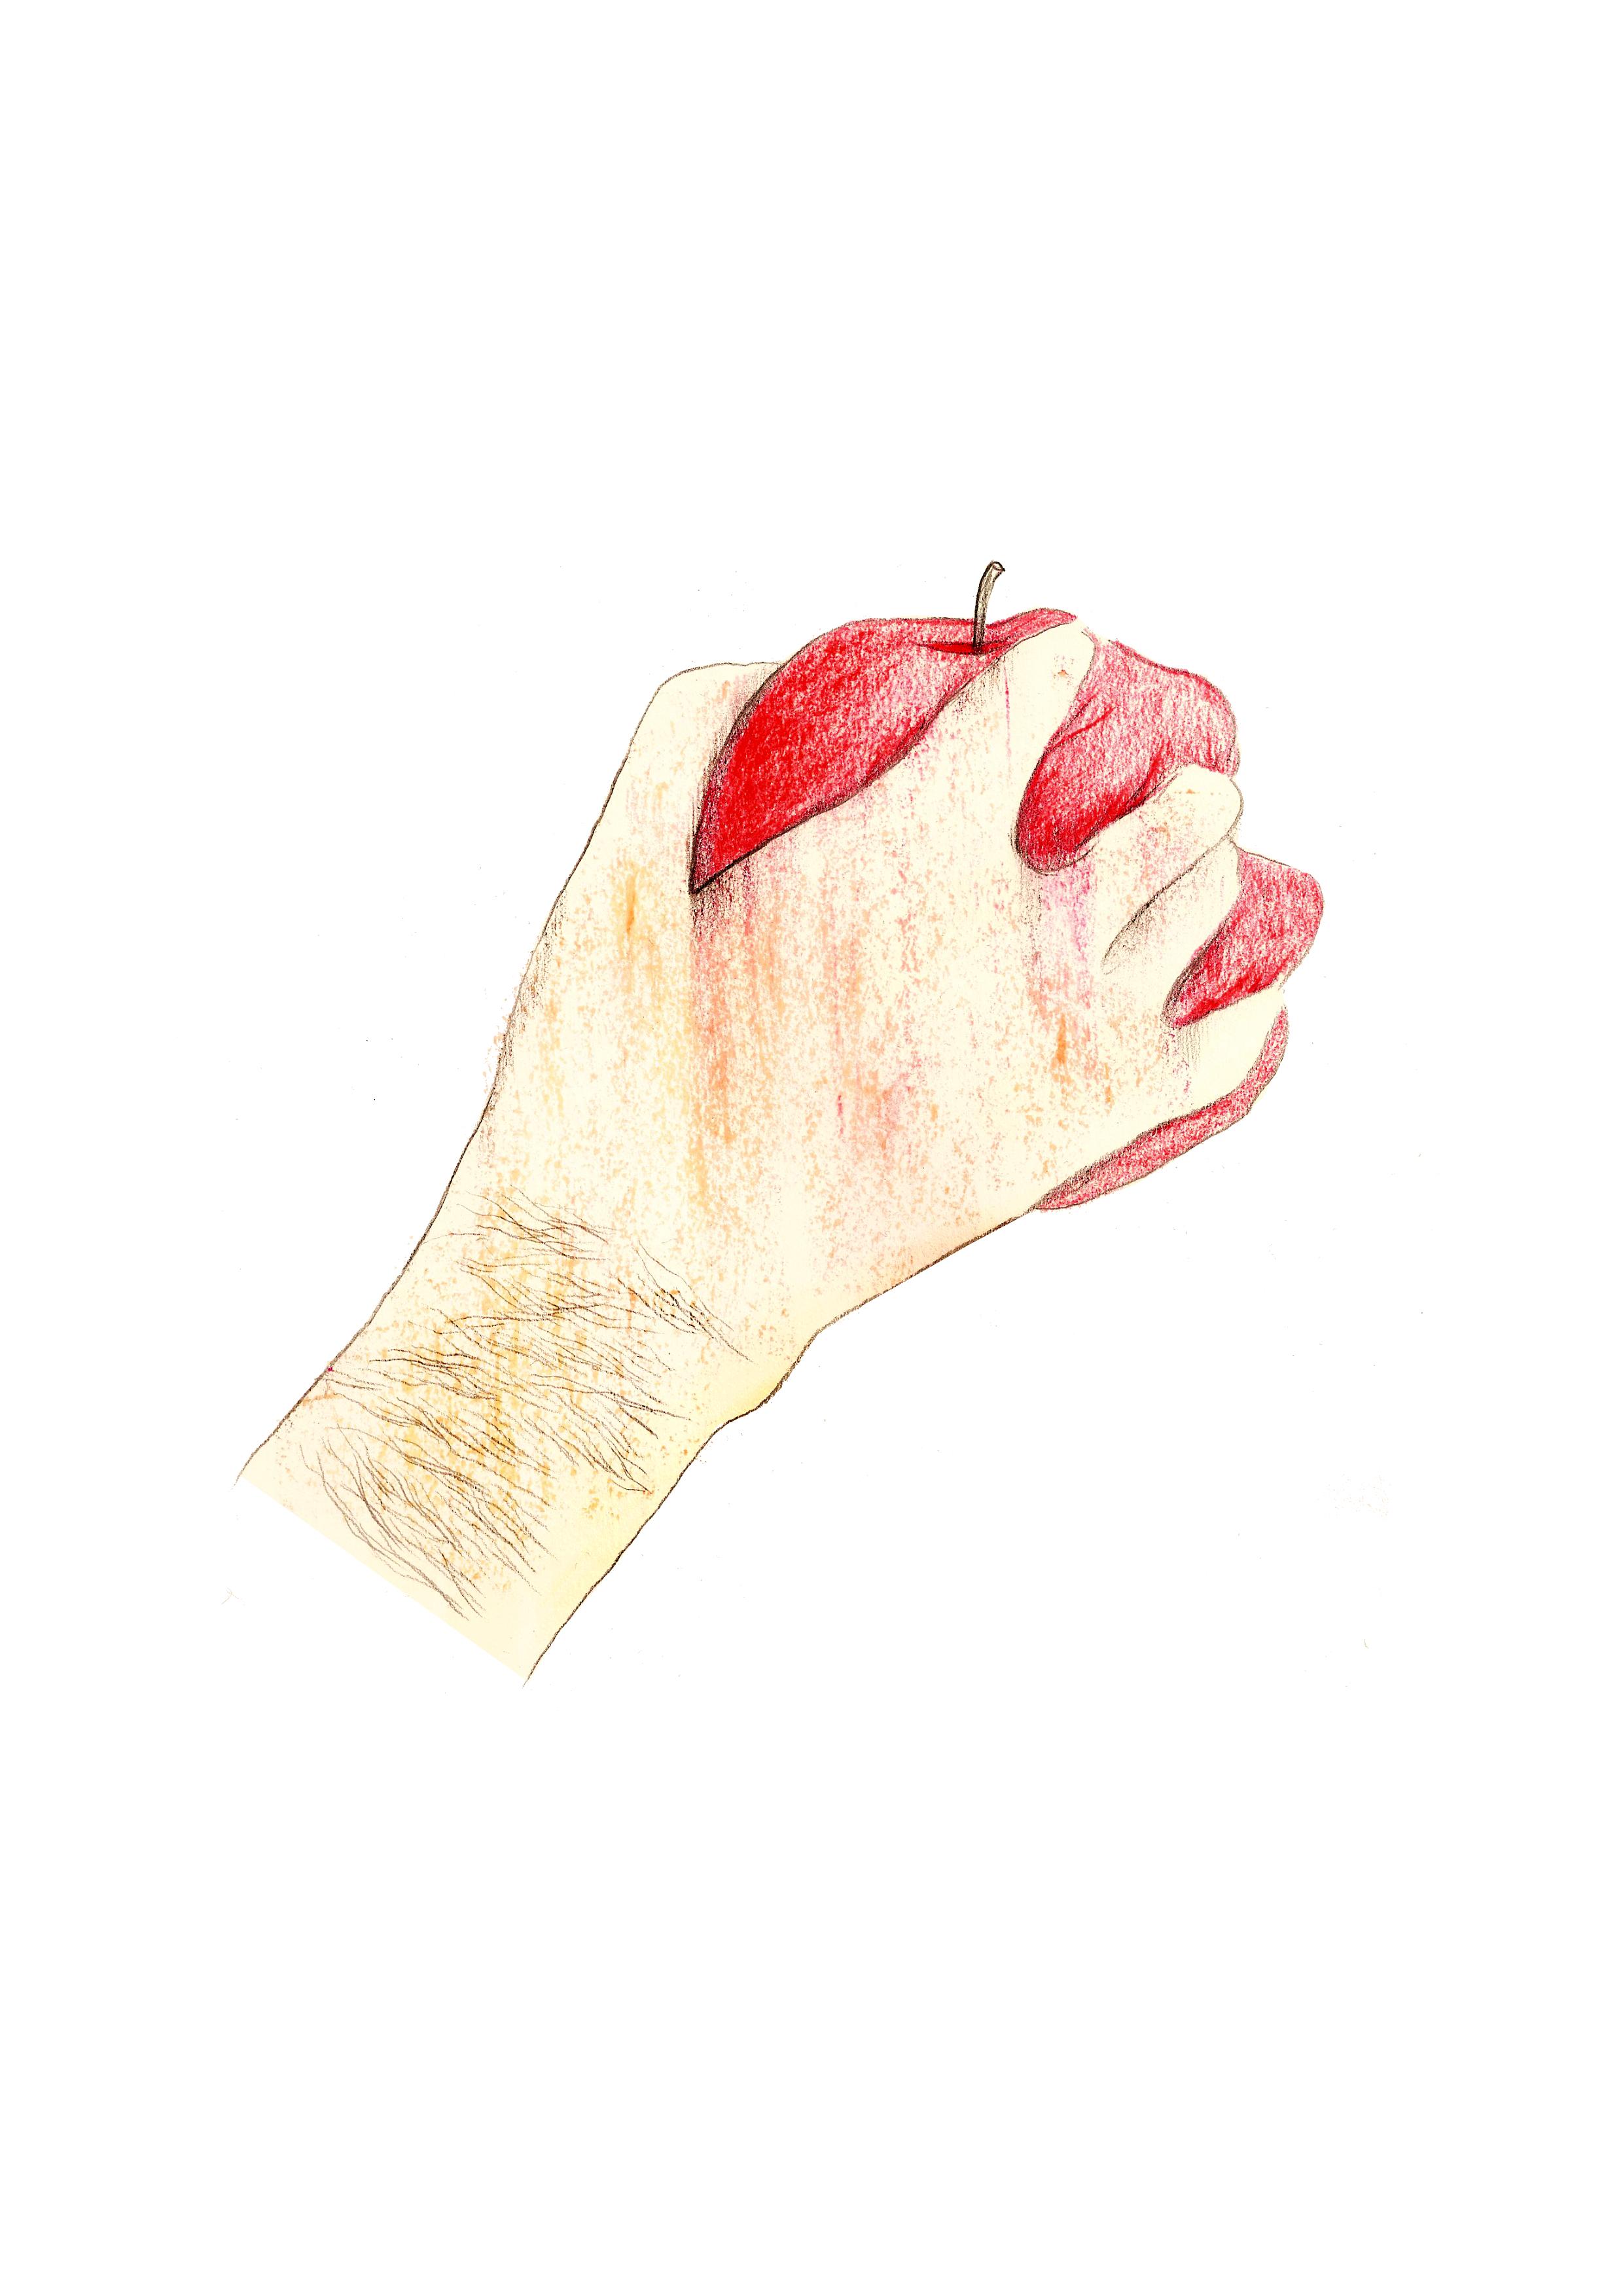 Le fruit défendu | GALERIE TREIZE DIX / LE FRUIT DÉFENDU | NOÉMIE CHUST